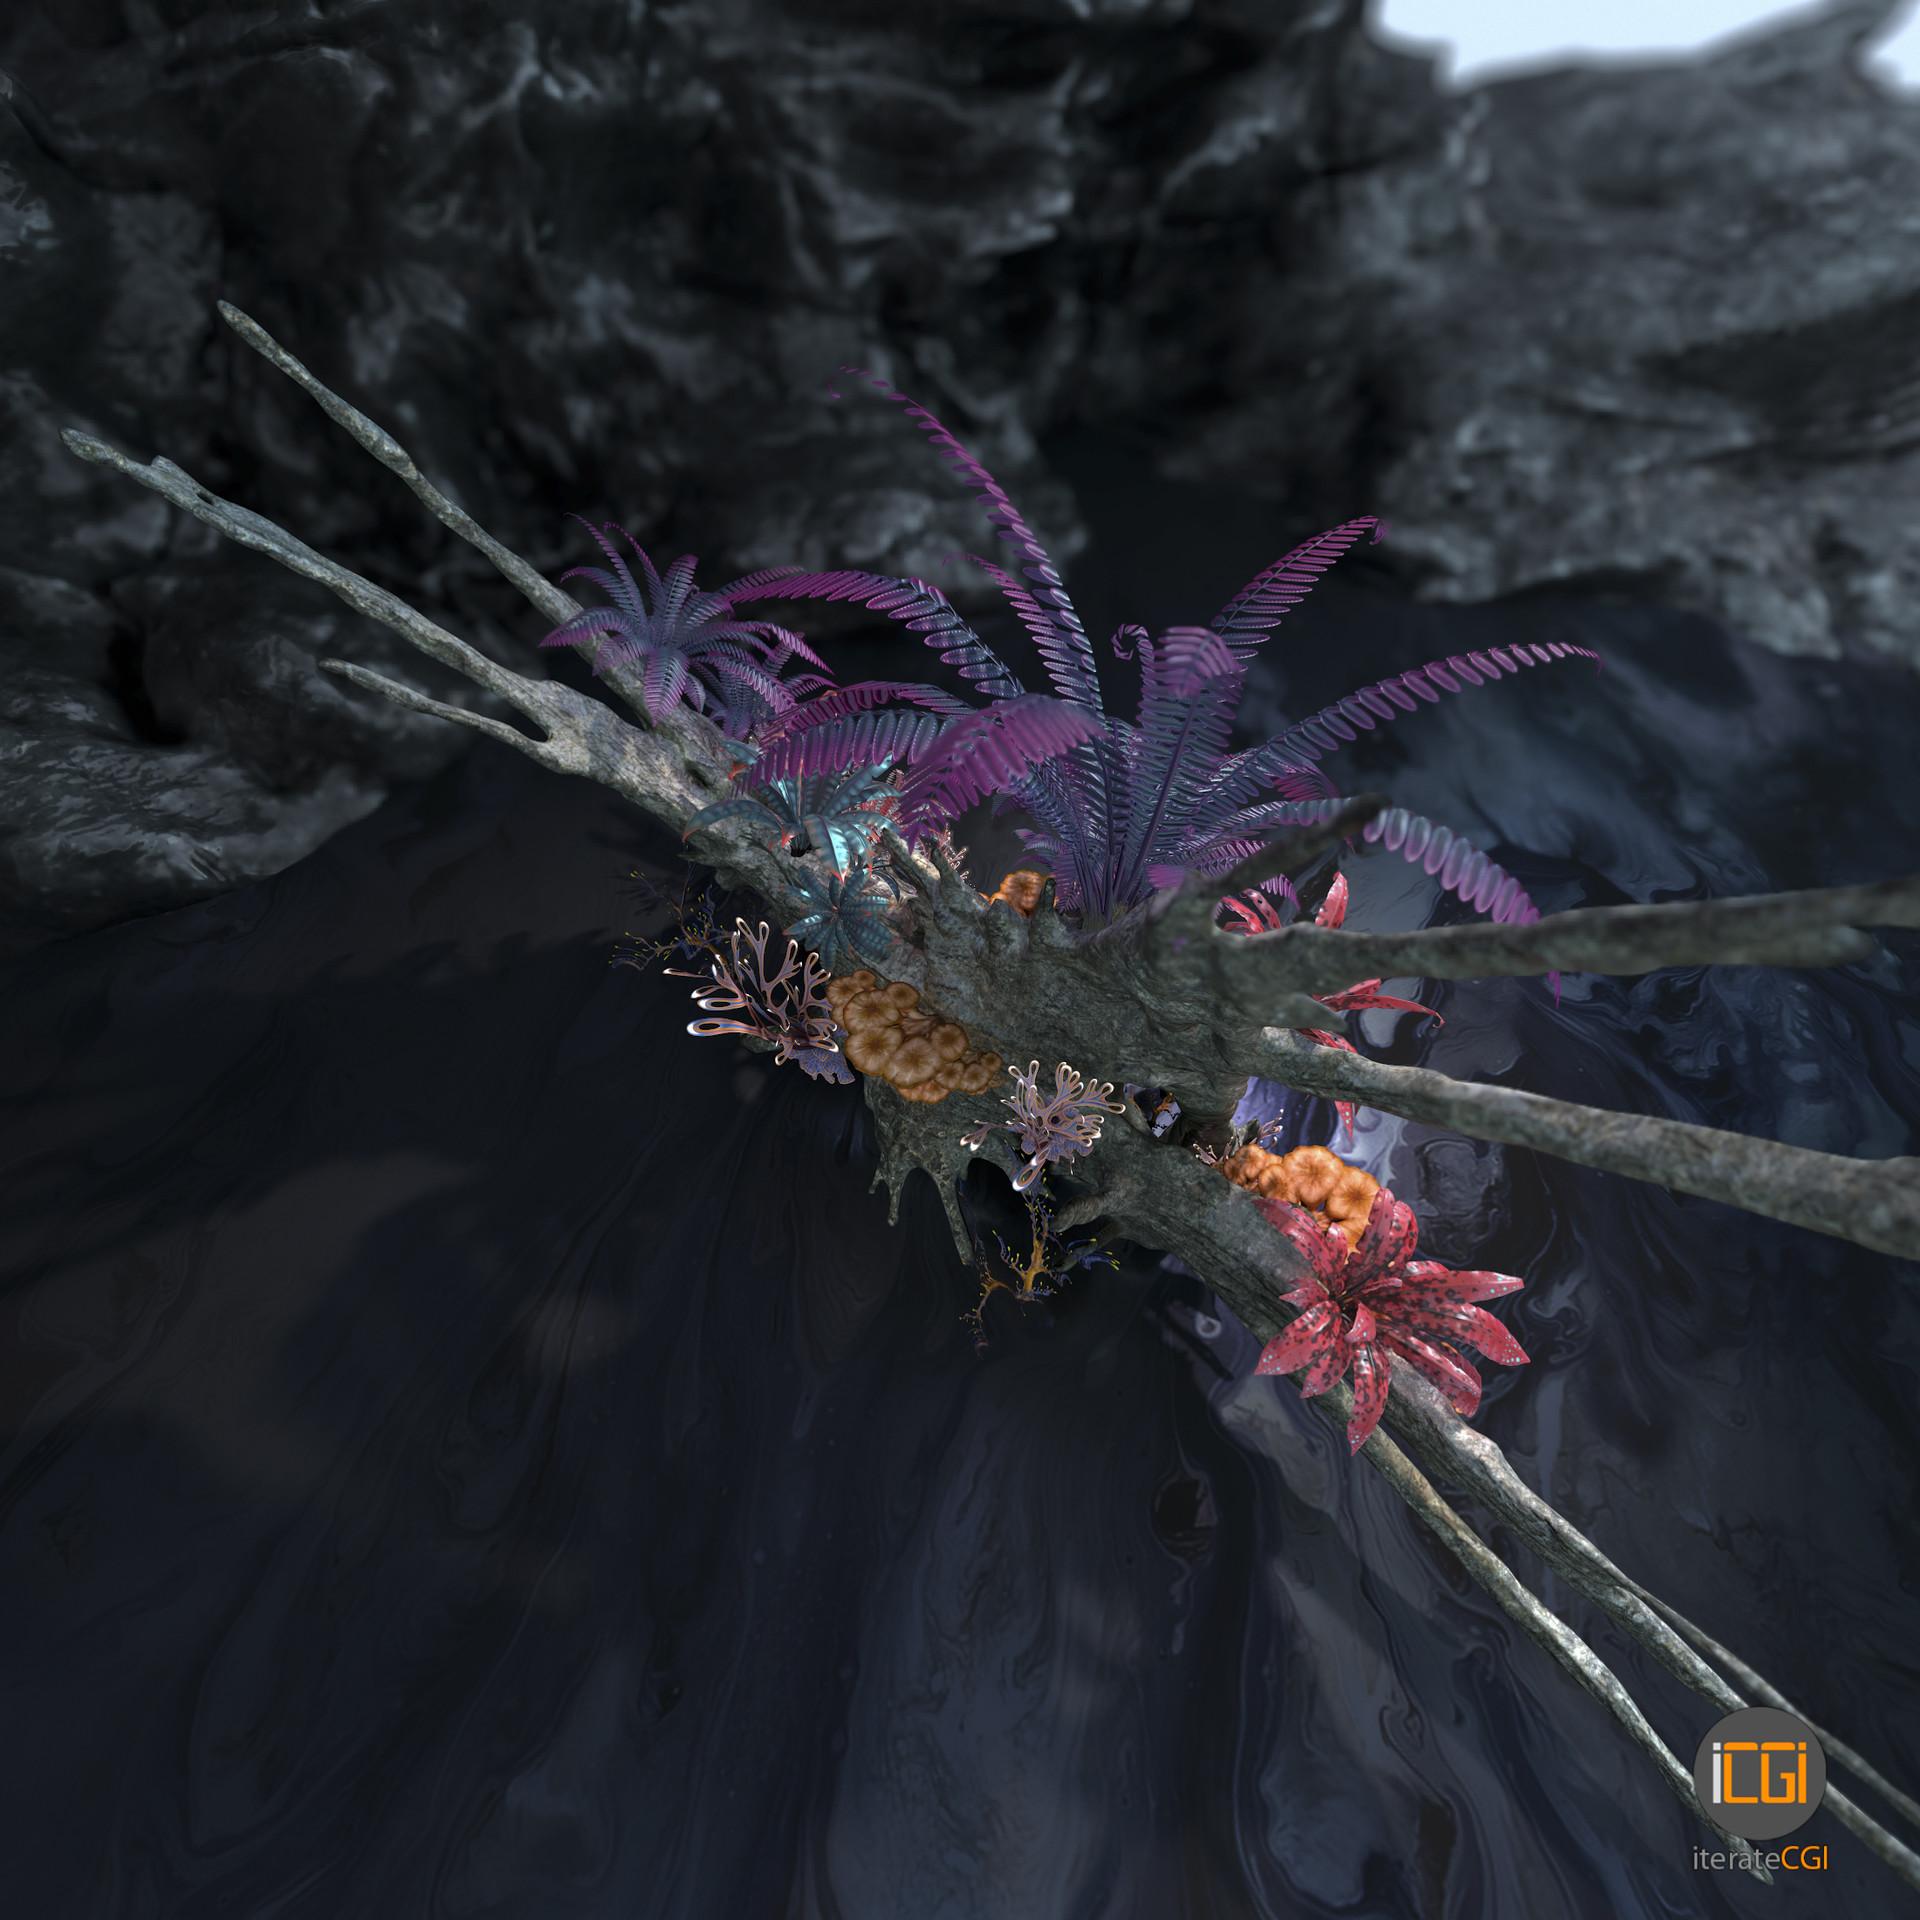 Johan de leenheer alien plant collection28